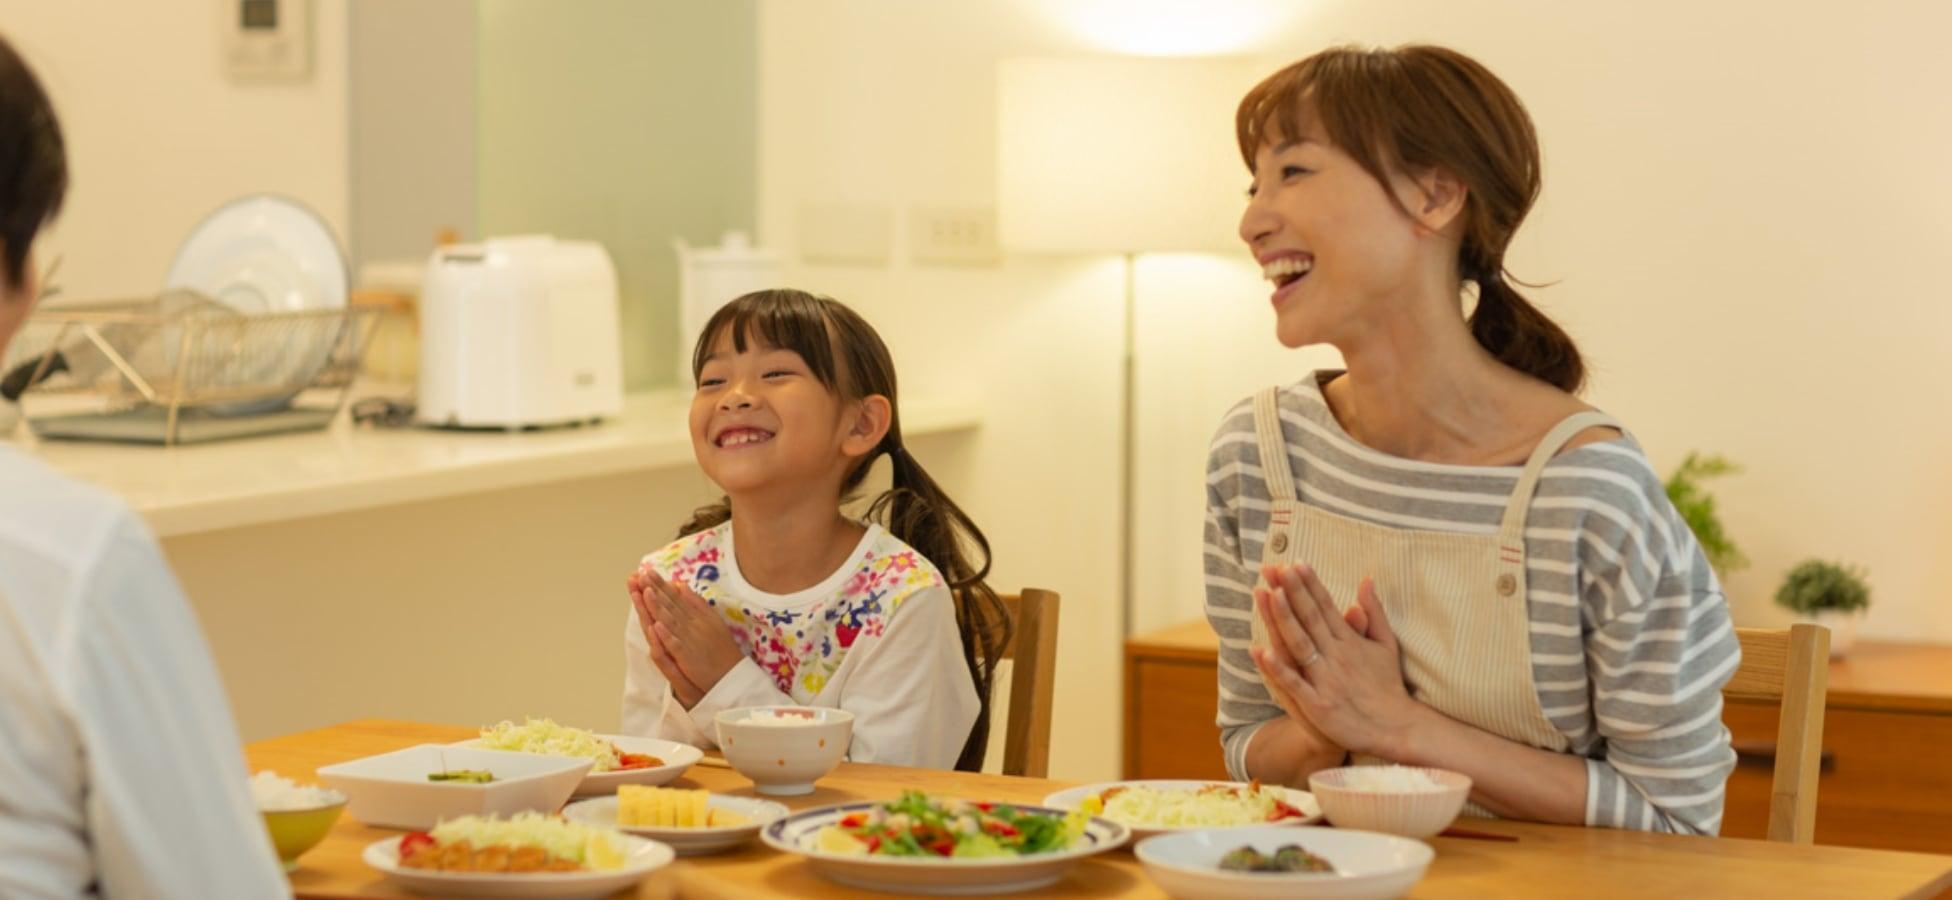 食卓でおいしいごはんをたのしむ家族の写真です。